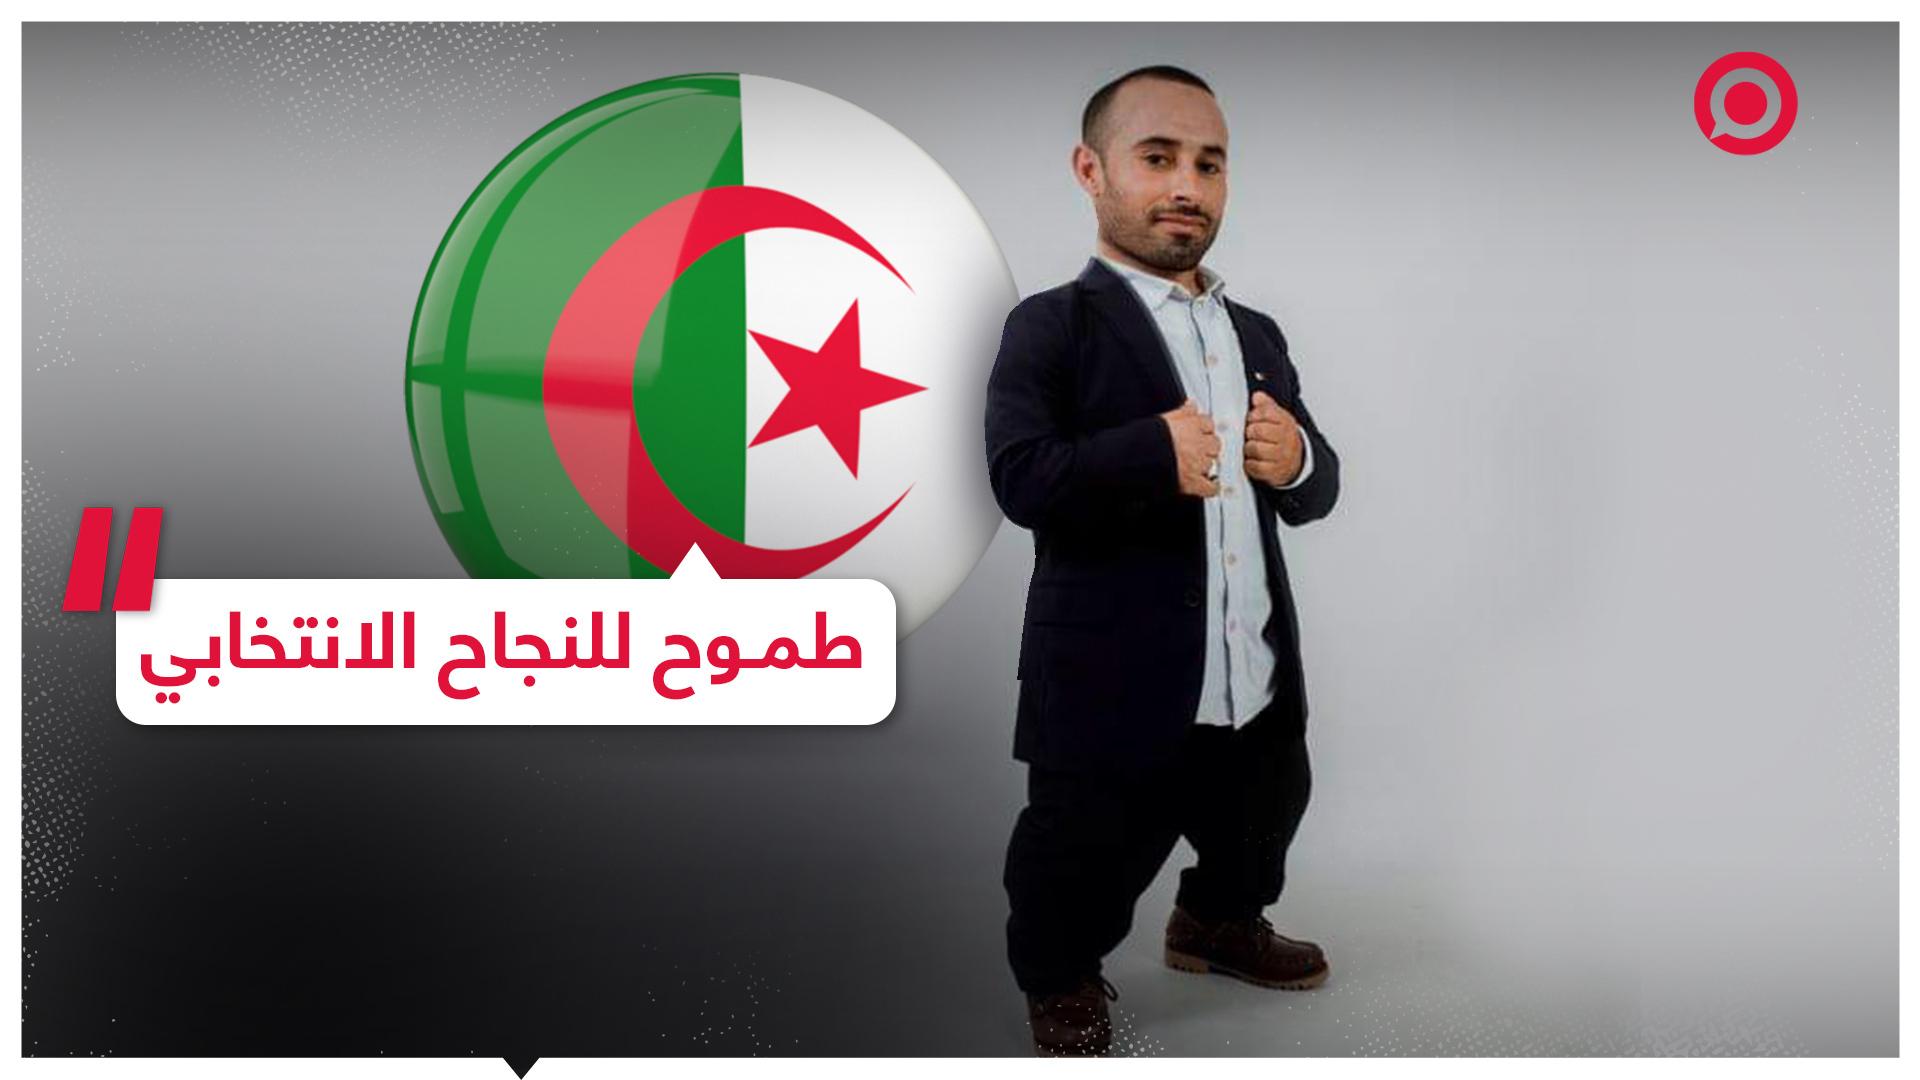 - خاص - أول مترشح للبرلمان الجزائري من قصار القامة